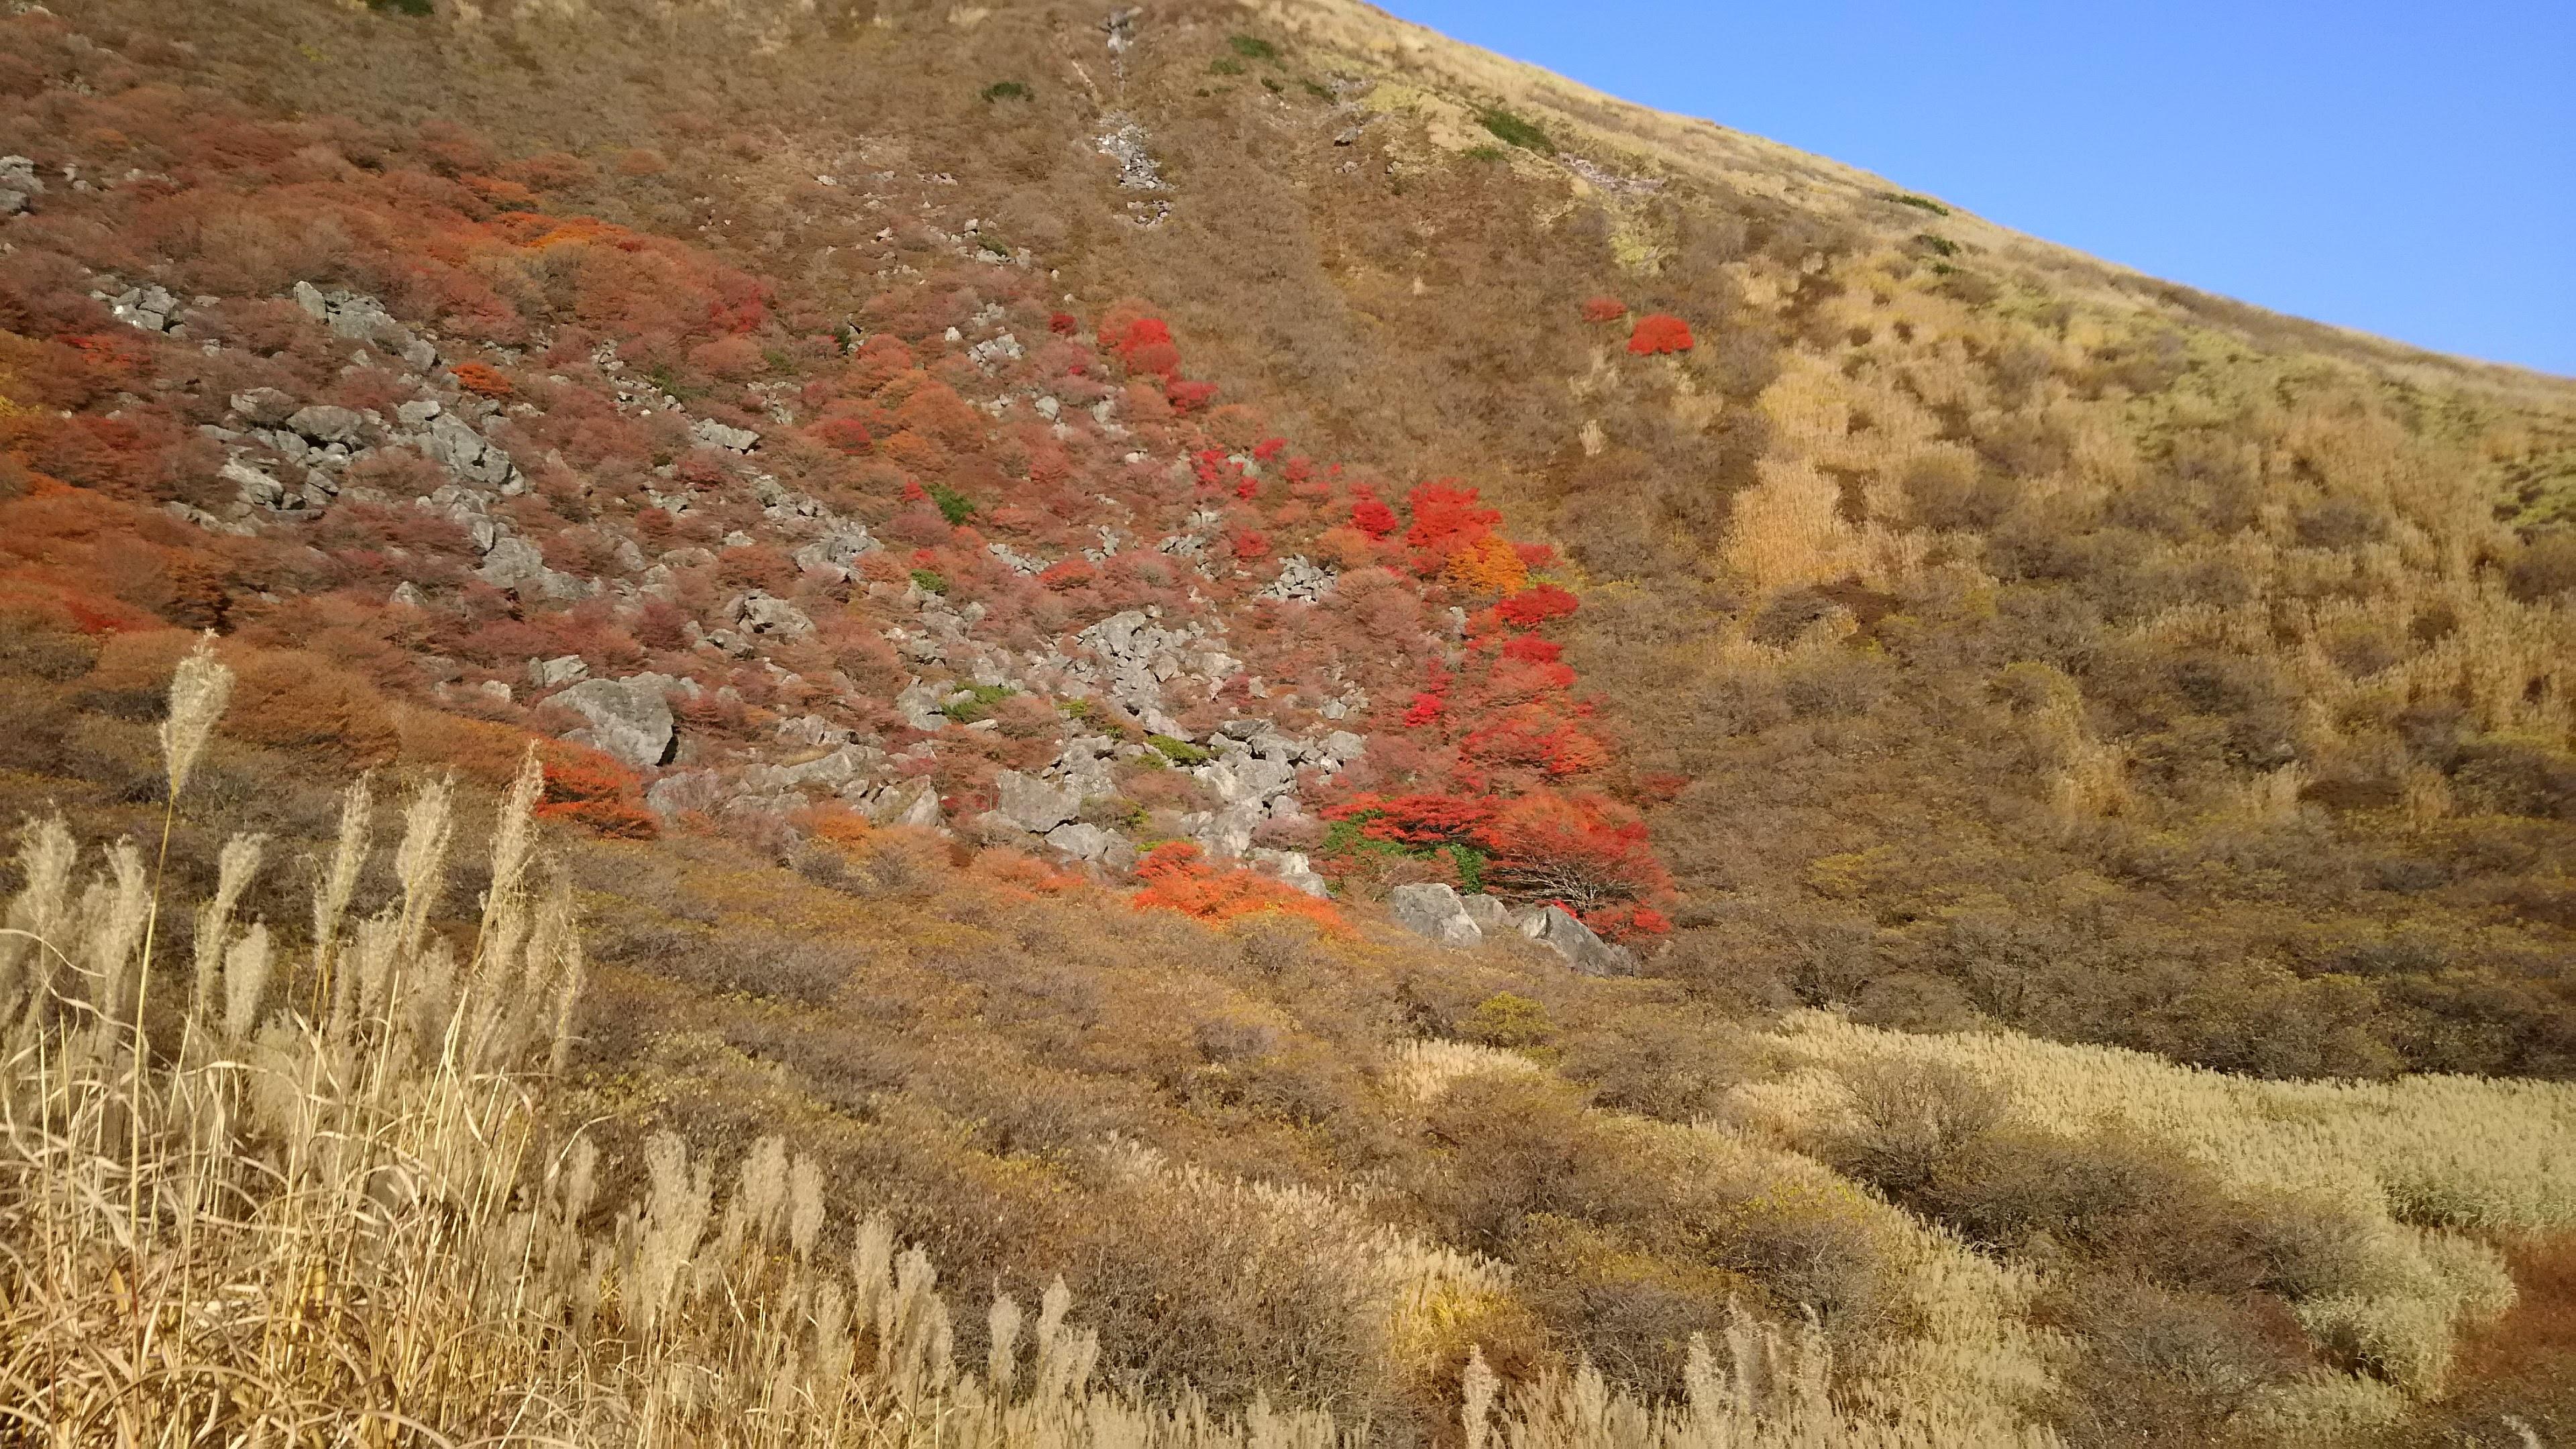 旧火口跡に残る紅葉